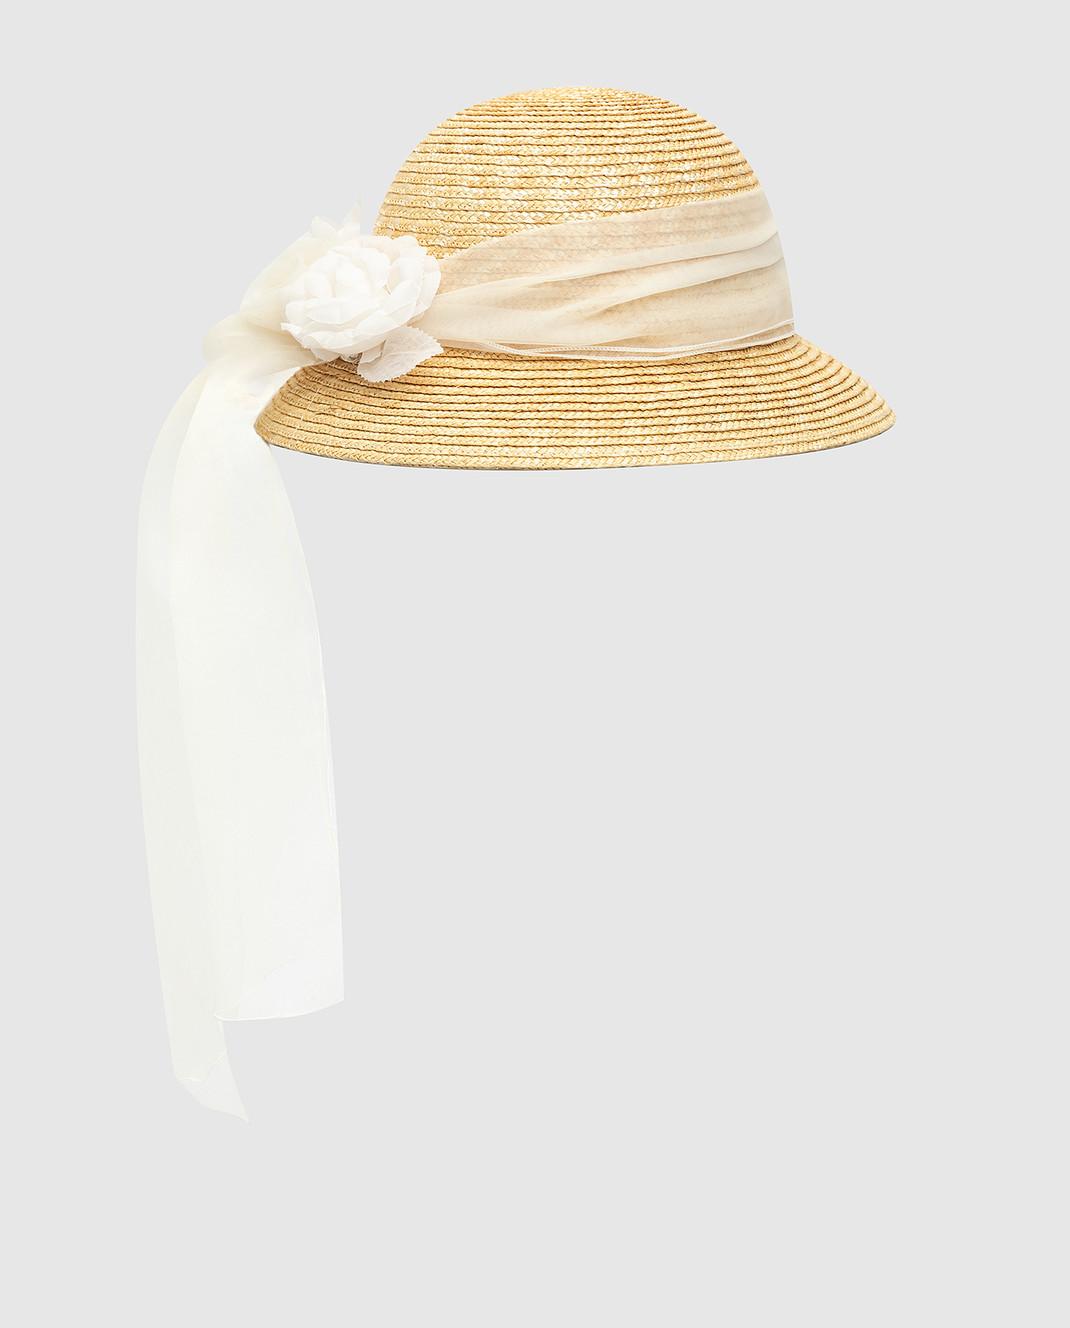 CAF Детская бежевая шляпа 020 изображение 2